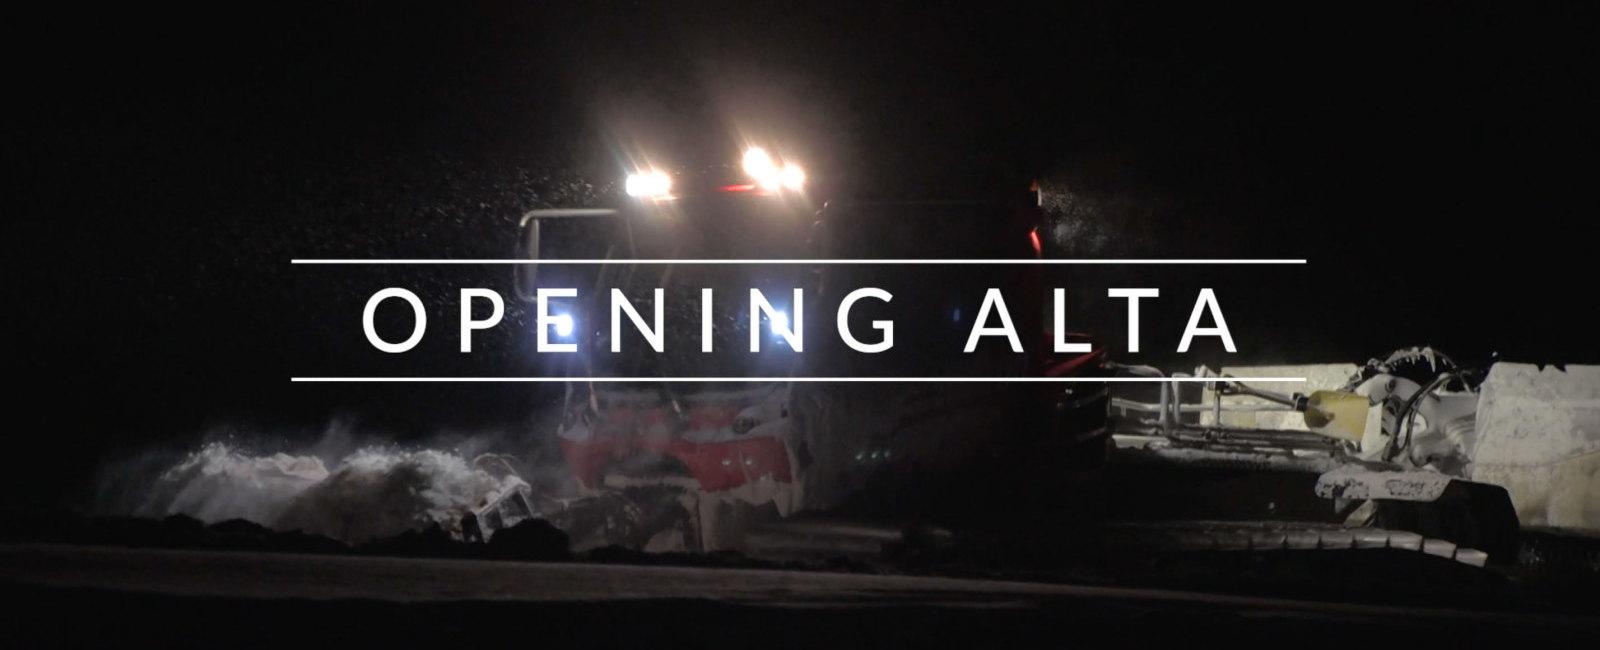 Opening Alta